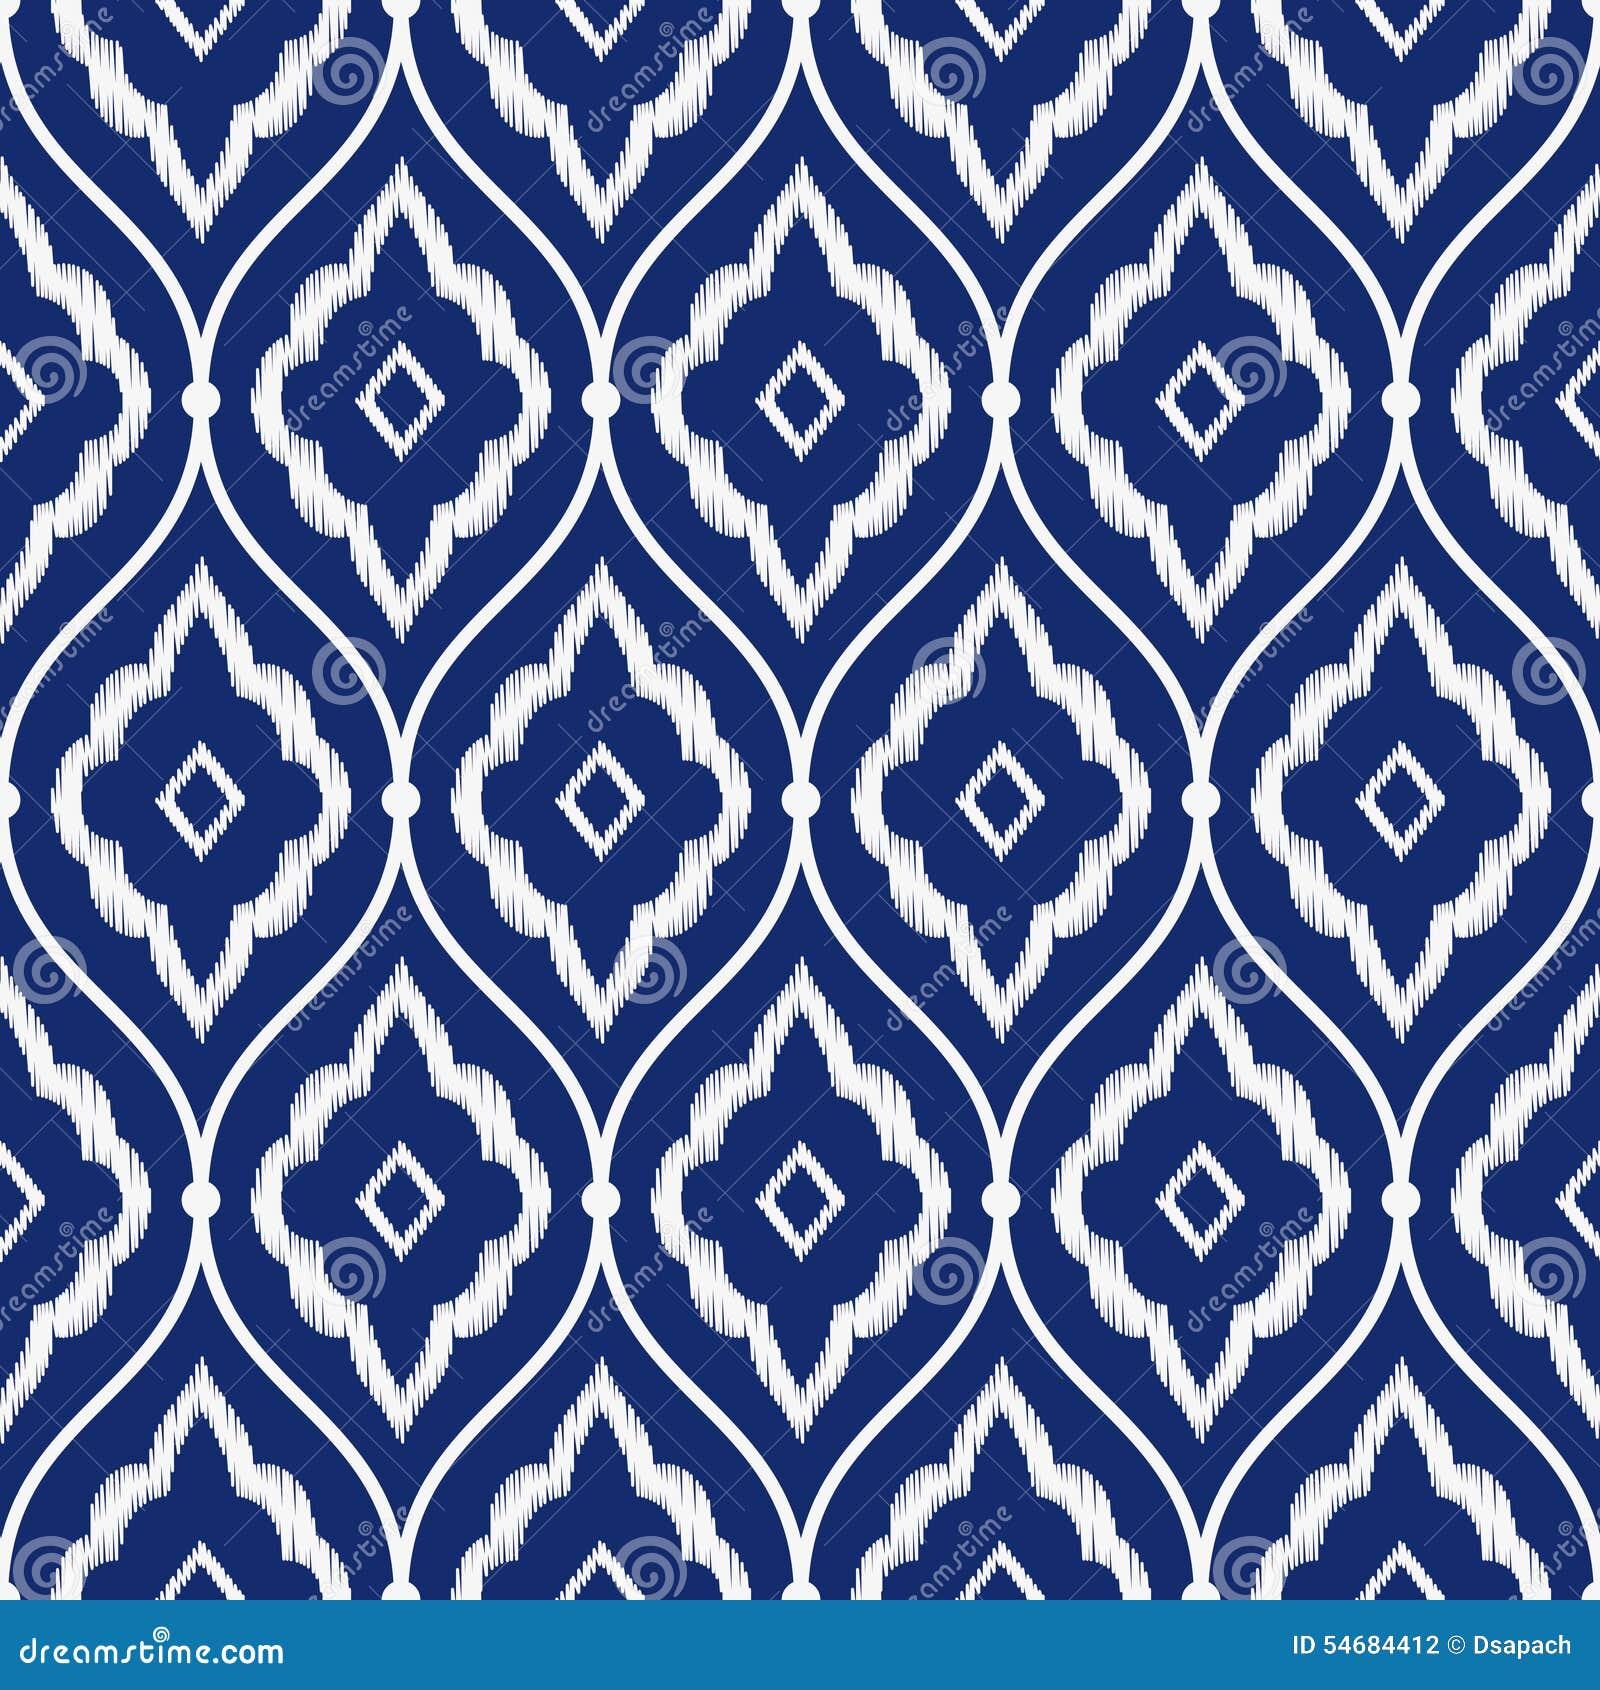 Seamless porcelain indigo blue and white vintage persian